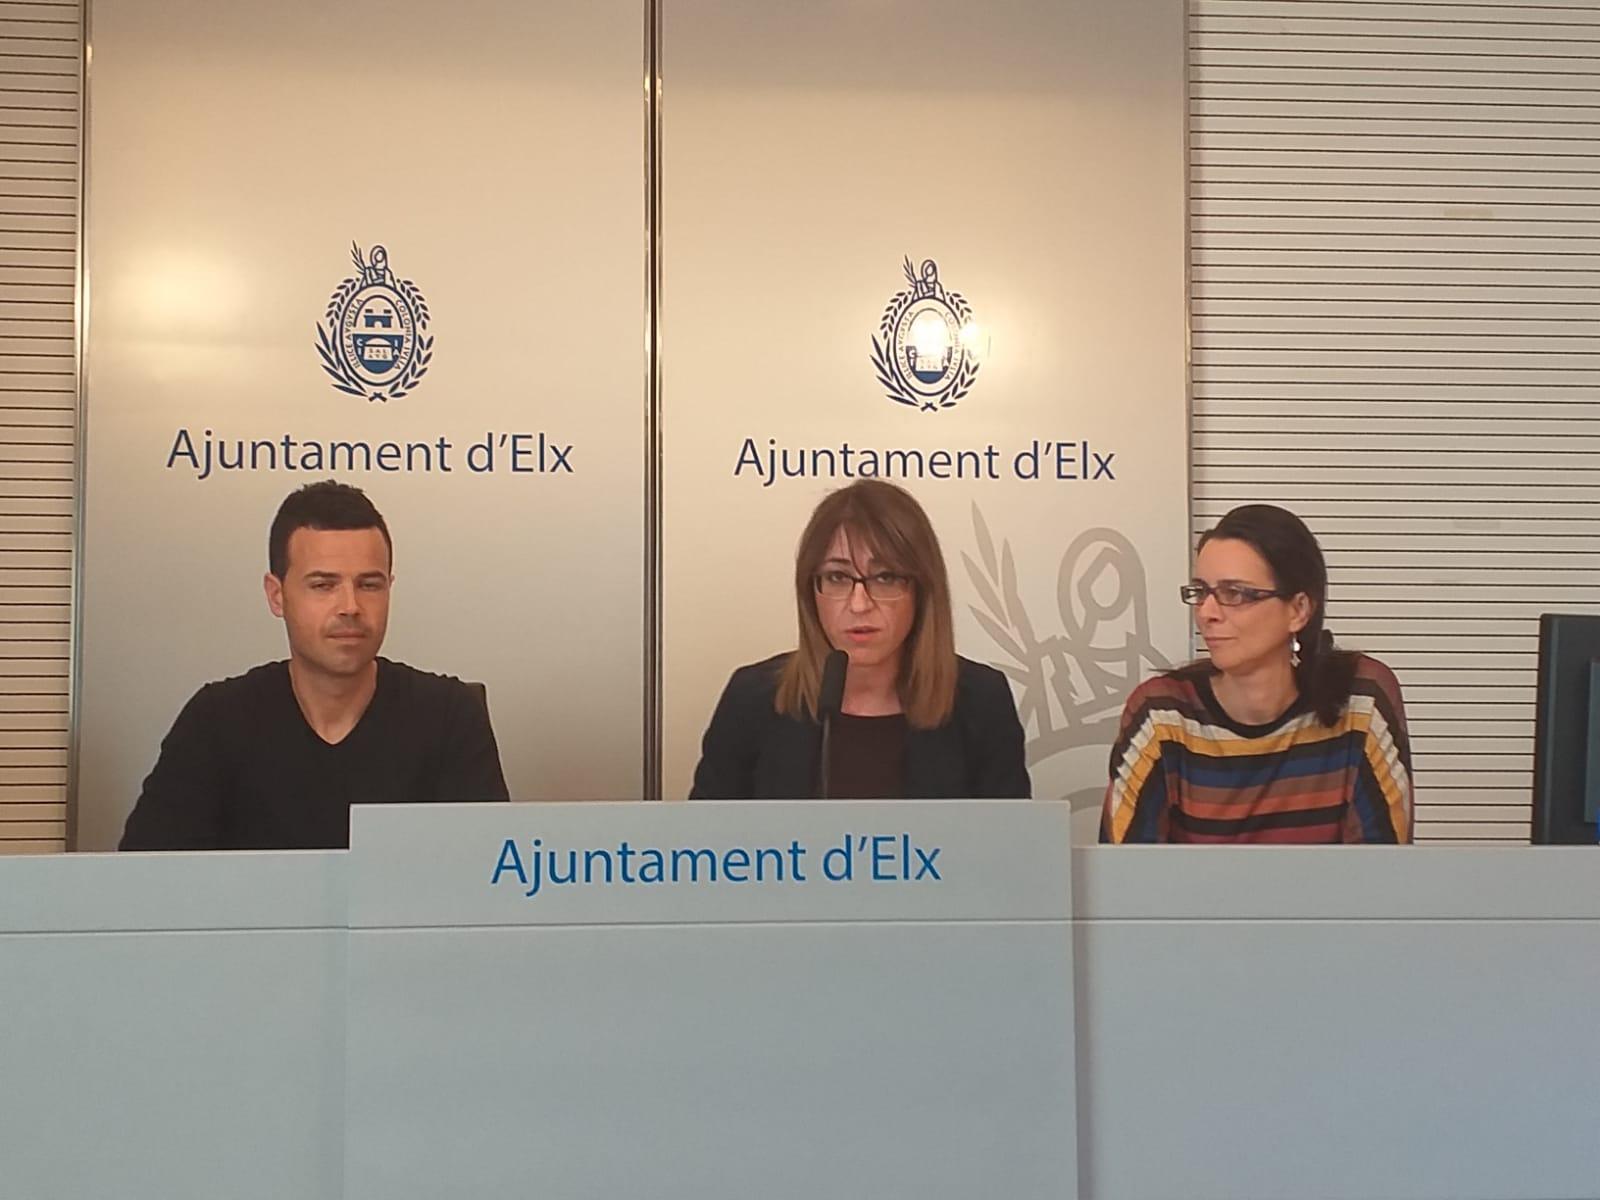 El Ayuntamiento de Elche presenta el proyecto